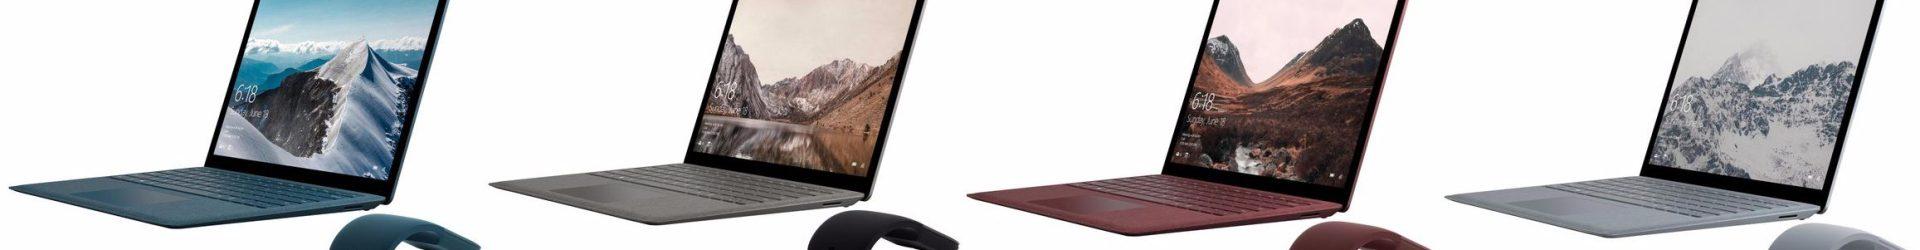 Microsoft Surface Laptop: il portatile bello, funzionale e dalla super autonomia